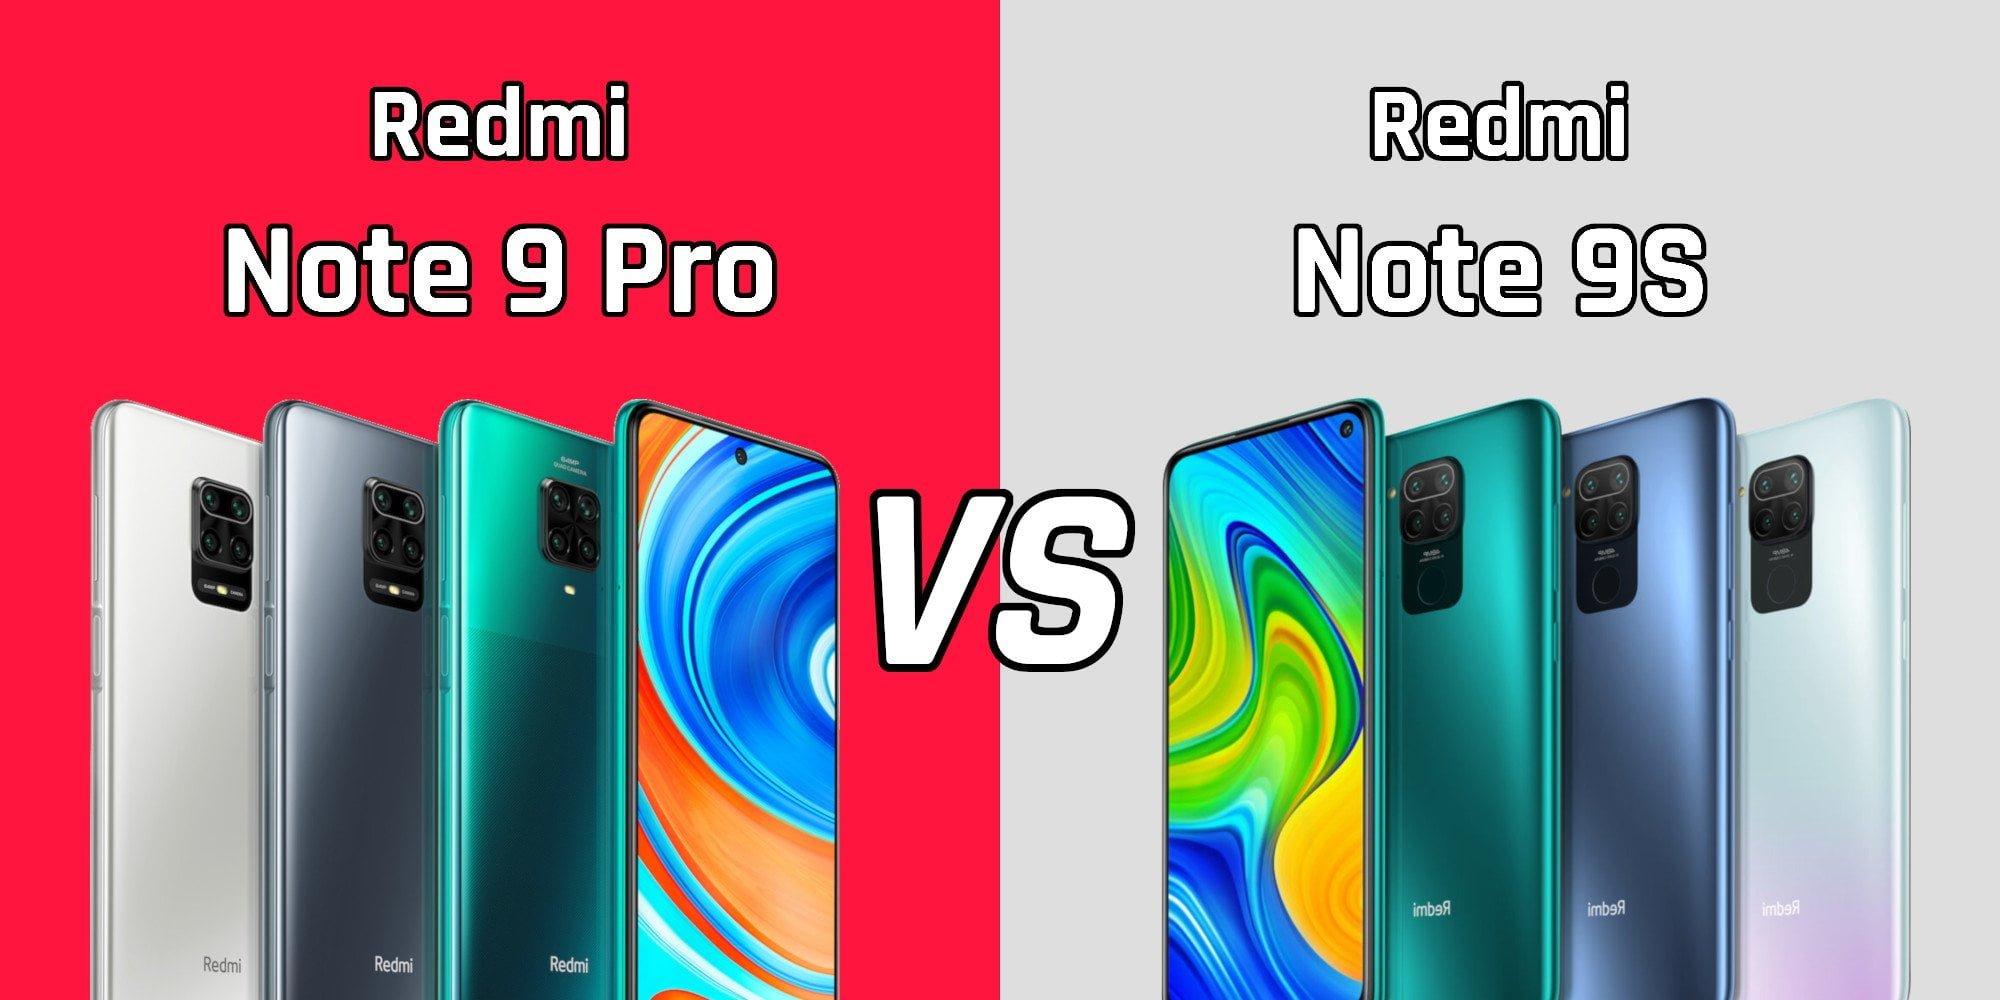 Aqui nós comparamos o Xiaomi Redmi Note 9 Pro com o Redmi Note 9S.